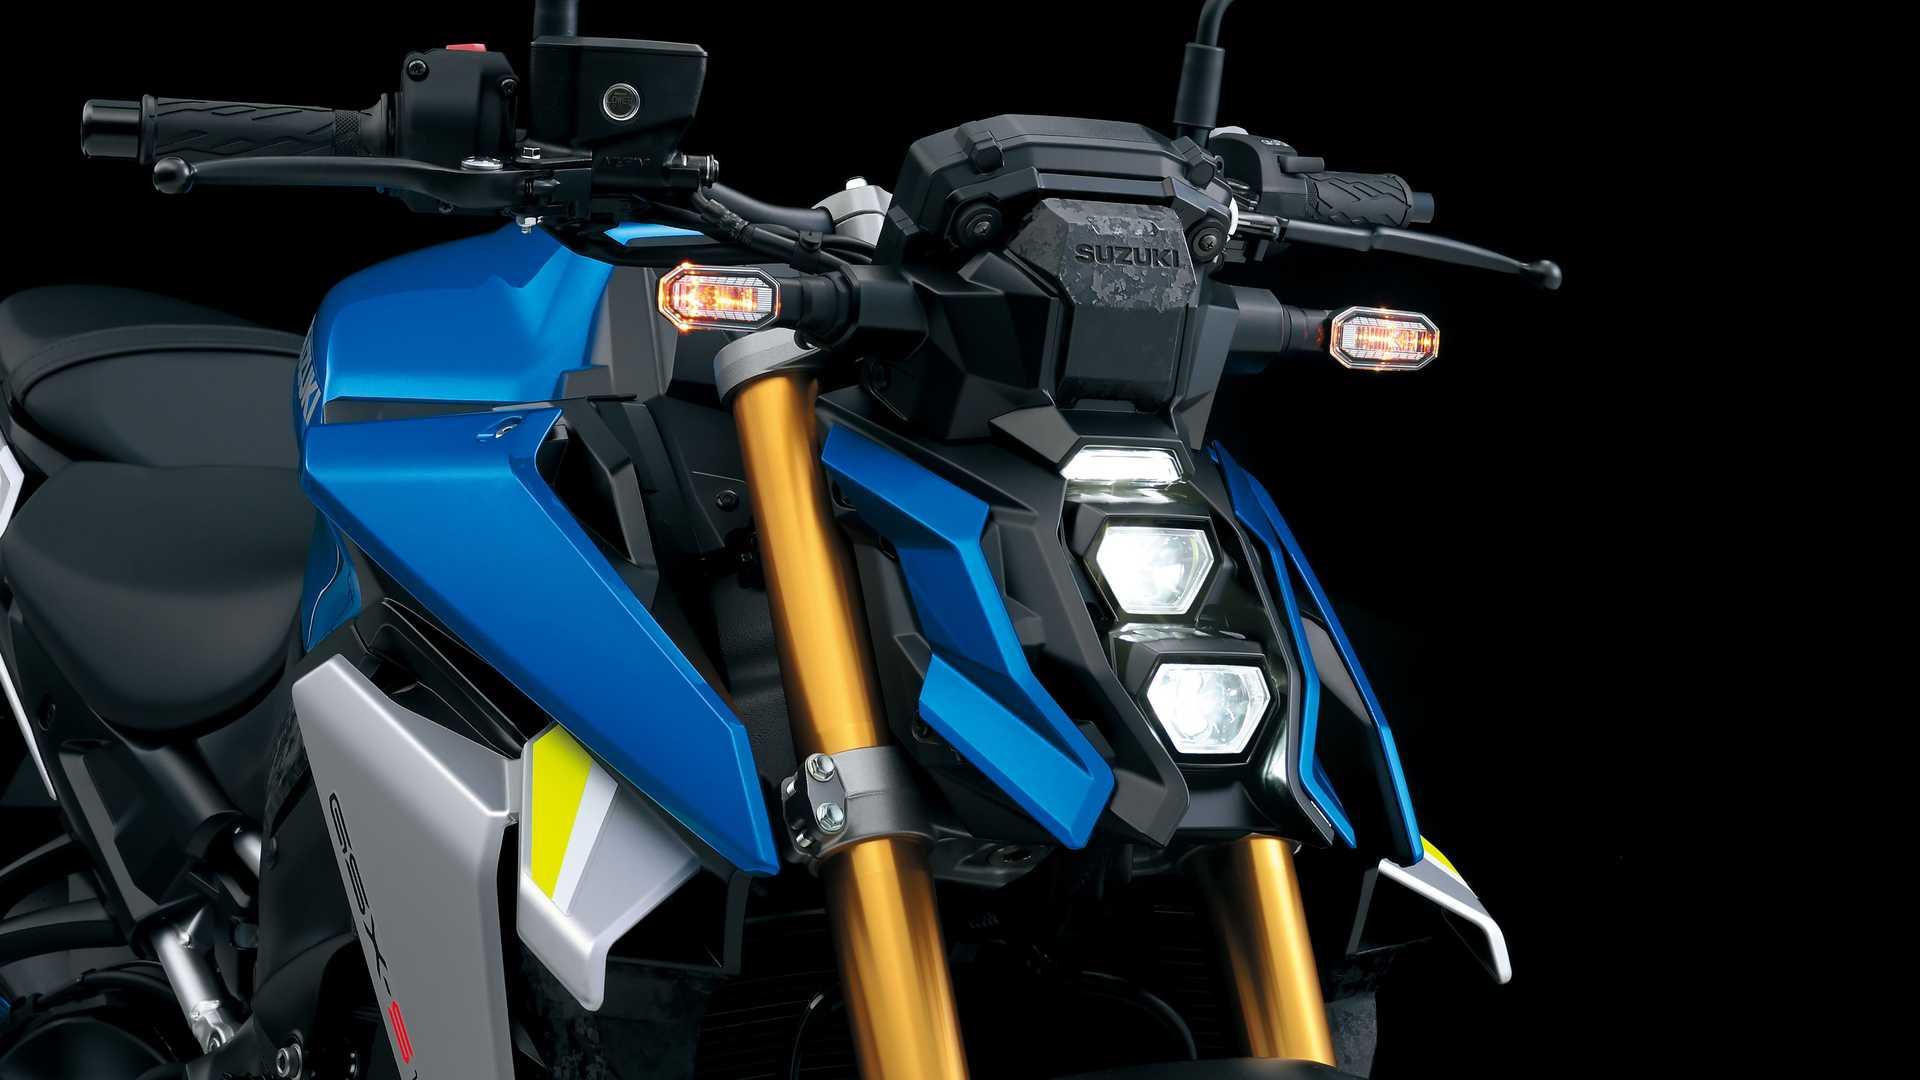 2021 Suzuki Gsx S1000 Headlights